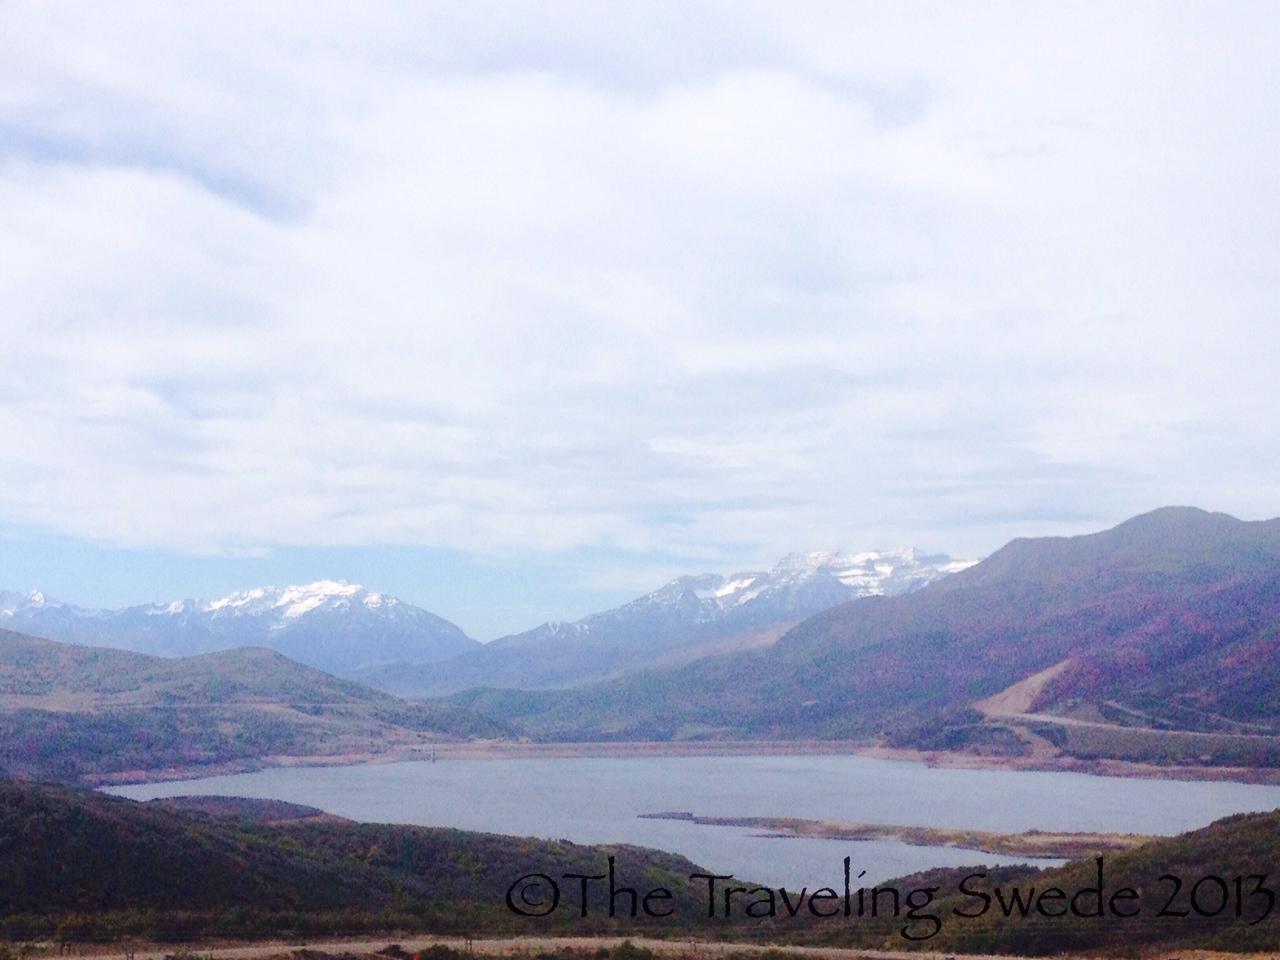 A hike up Bald Mountain – 11,943 ft